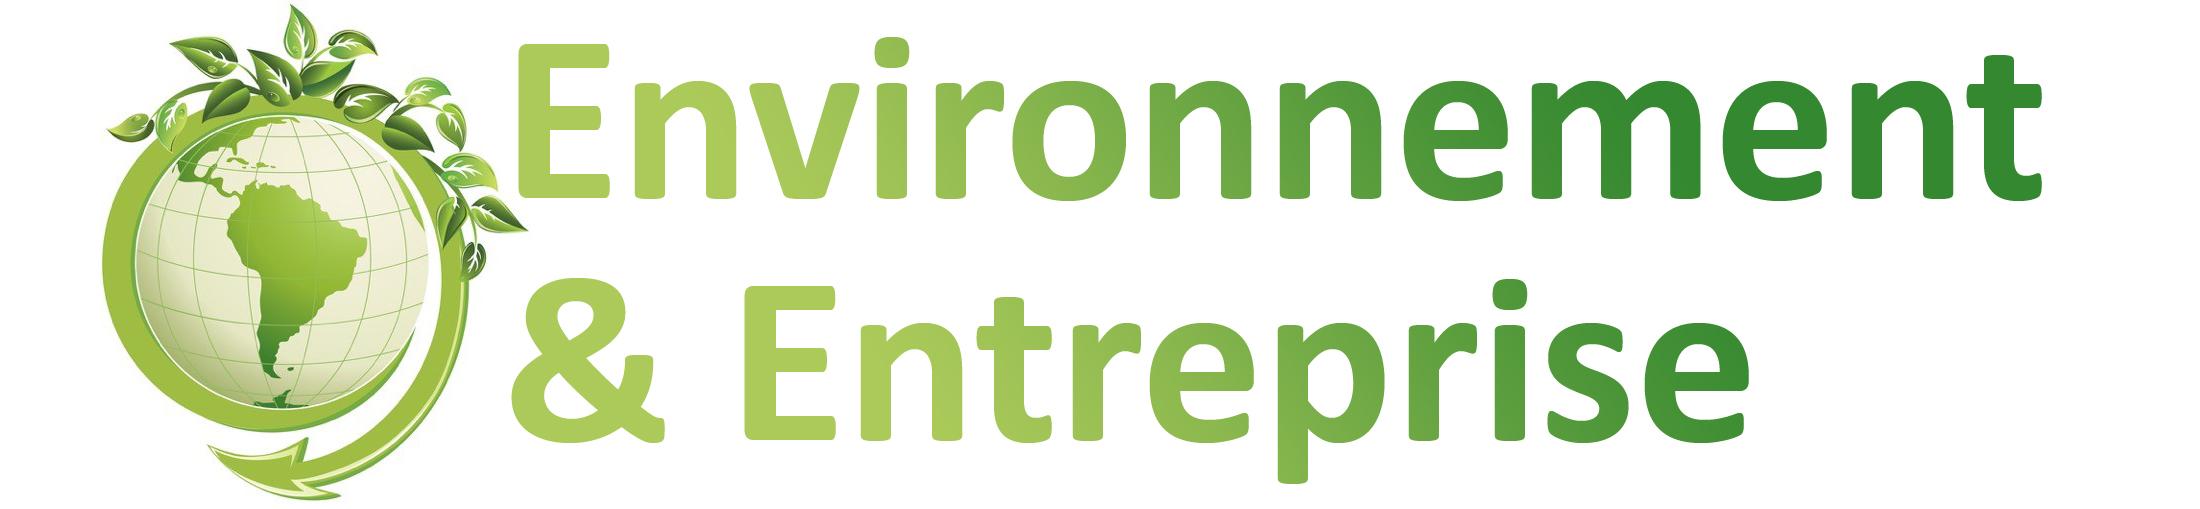 Environnement et Entreprise - Le Blog